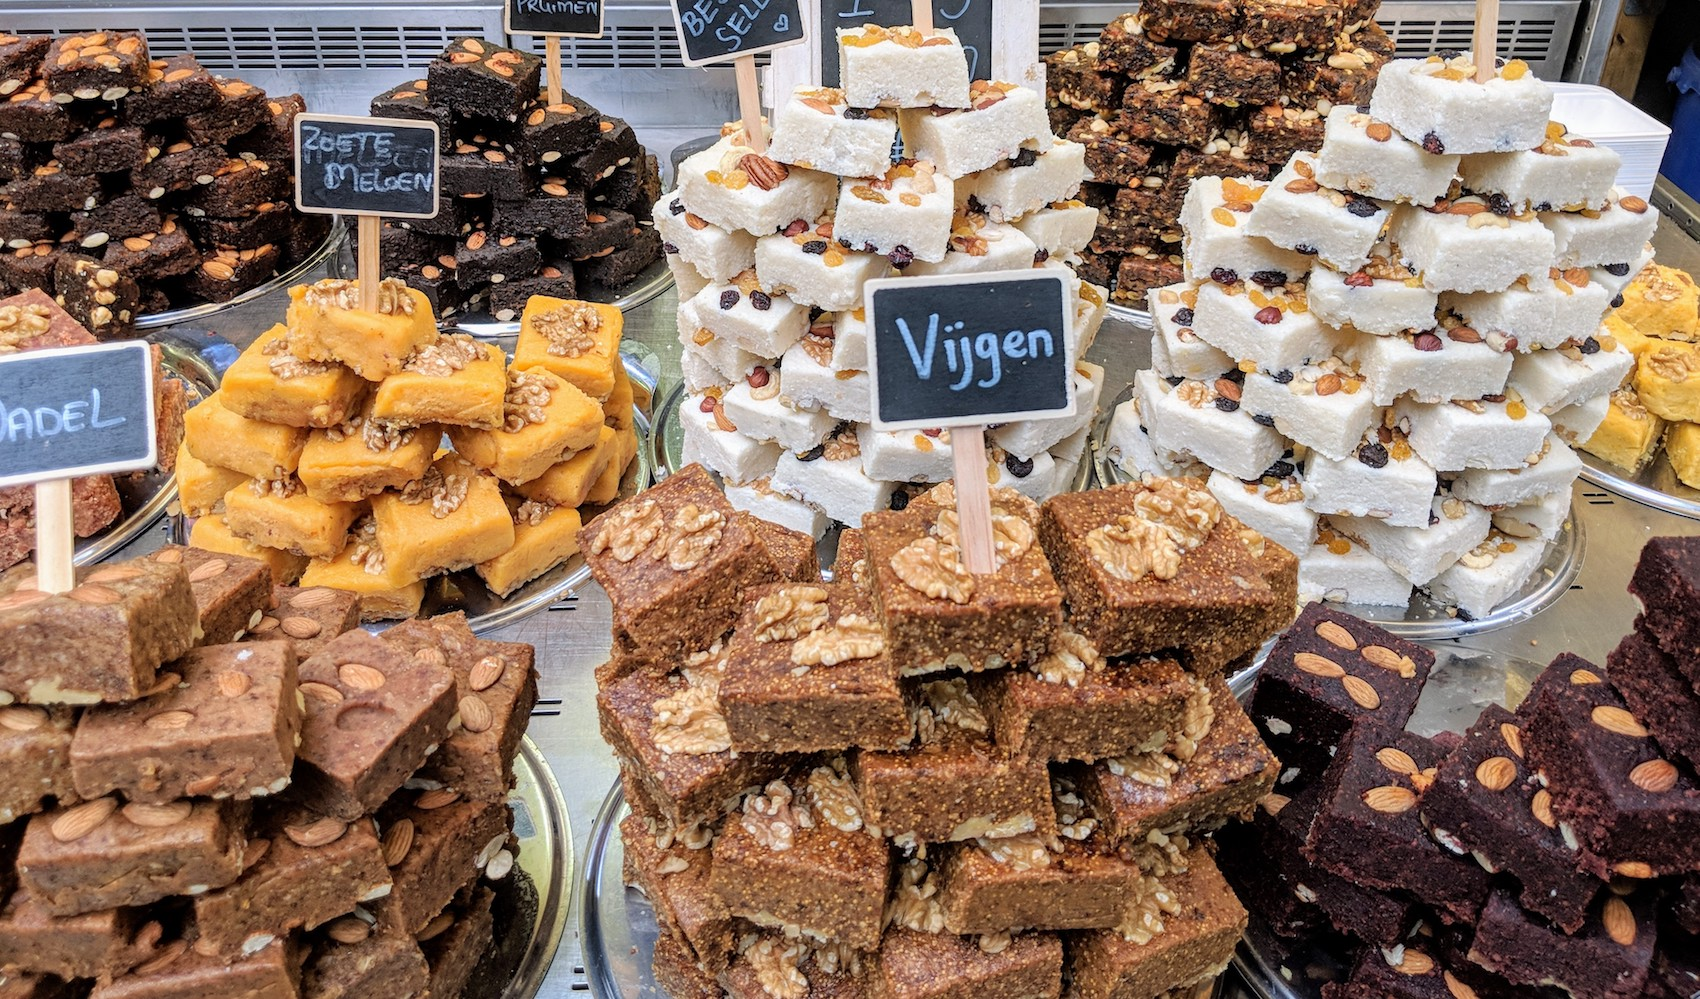 exotische gerechten Beverwijkse Bazaar kum cakes